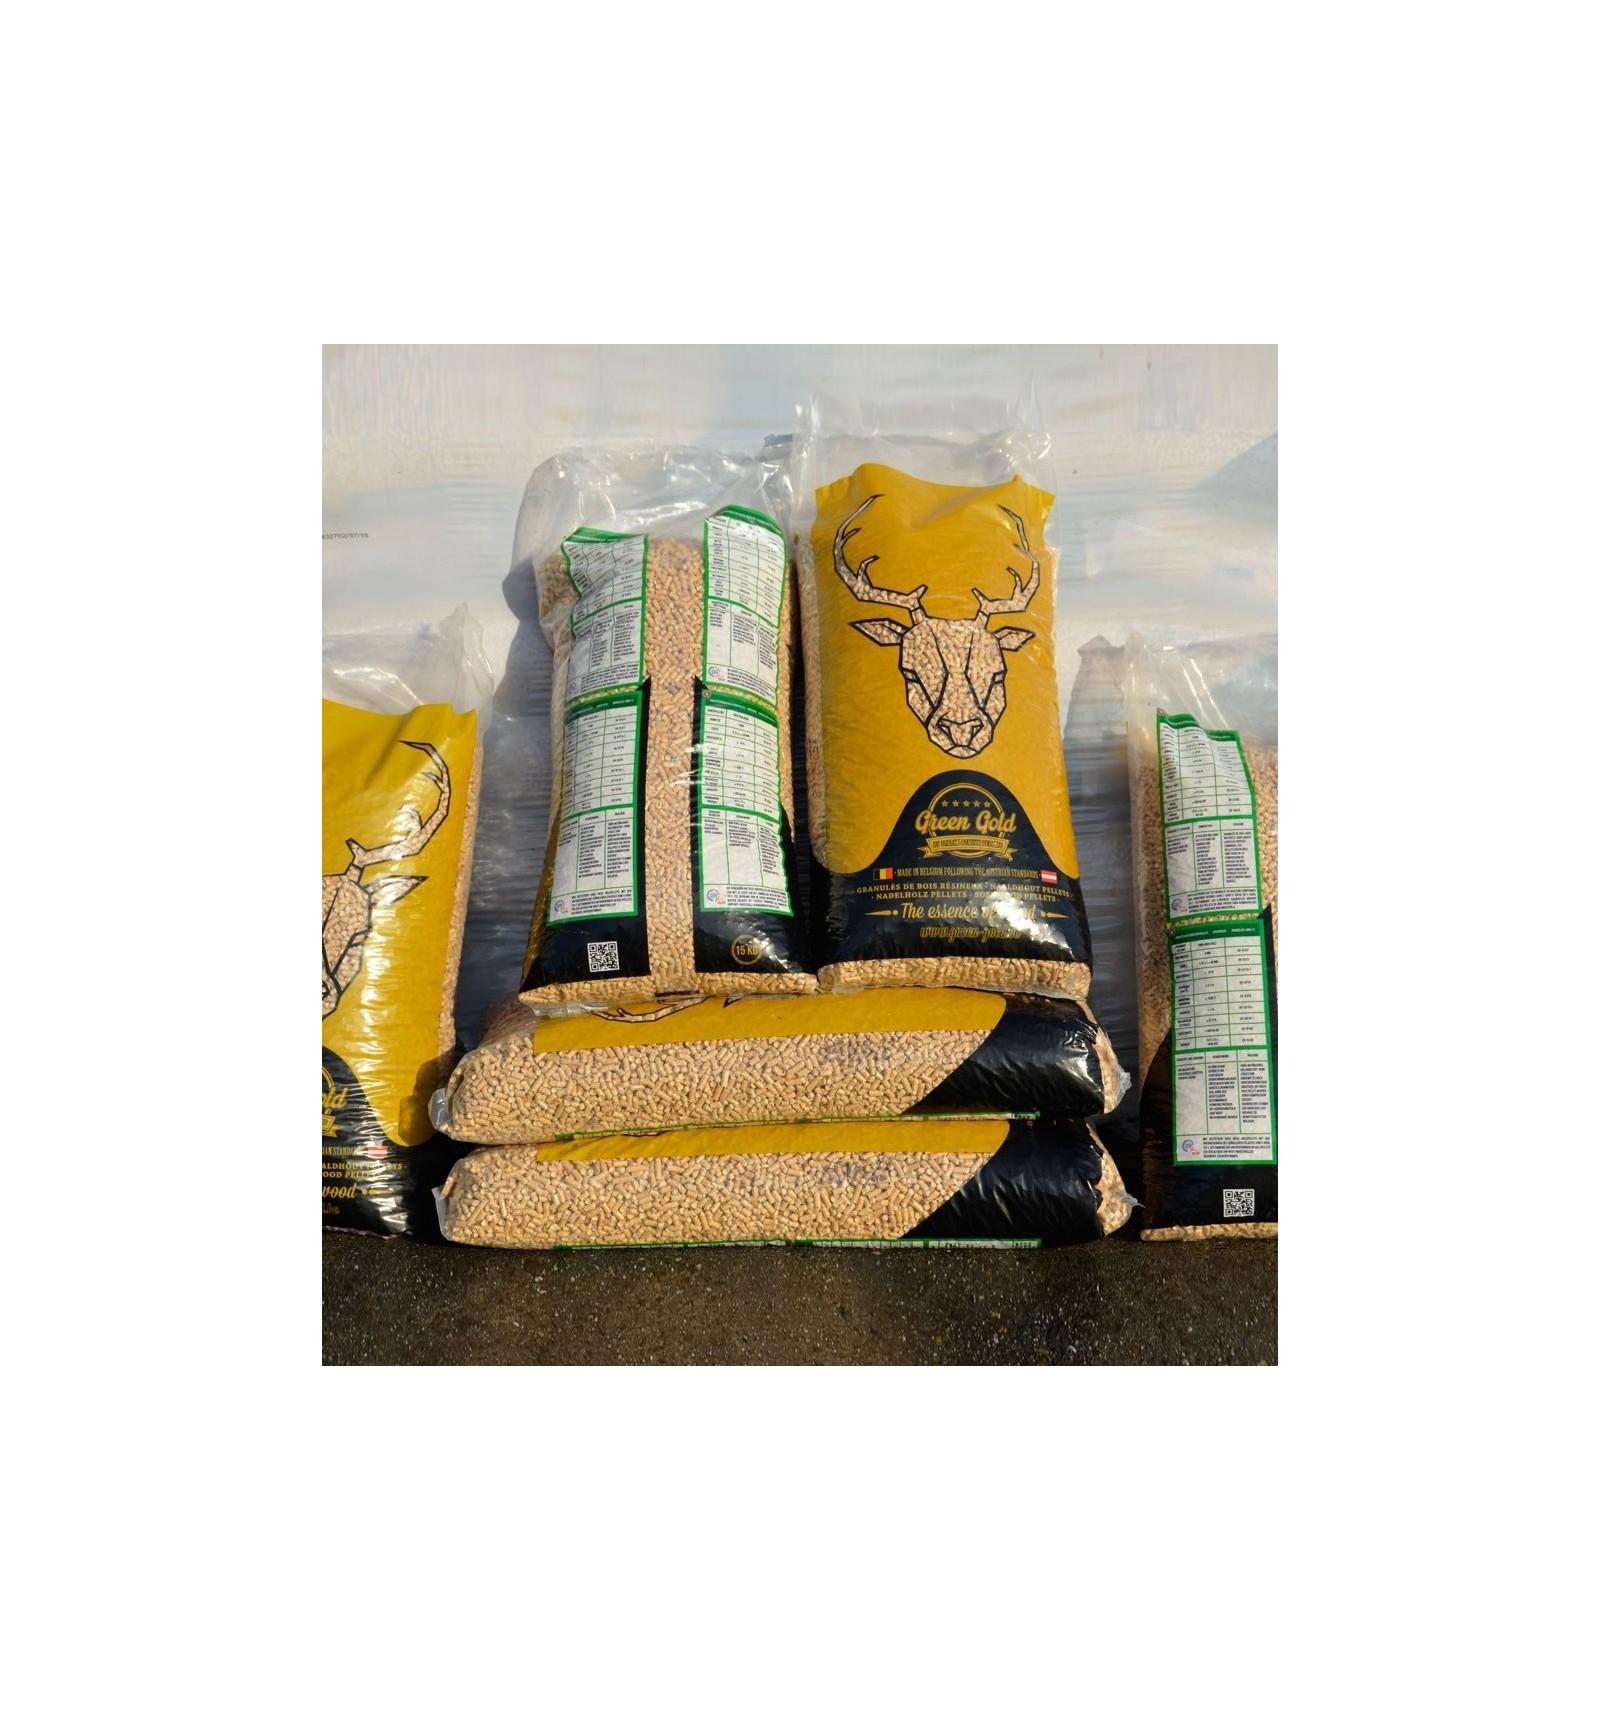 livraison de palettes de pellets premium au meilleur prix. Black Bedroom Furniture Sets. Home Design Ideas